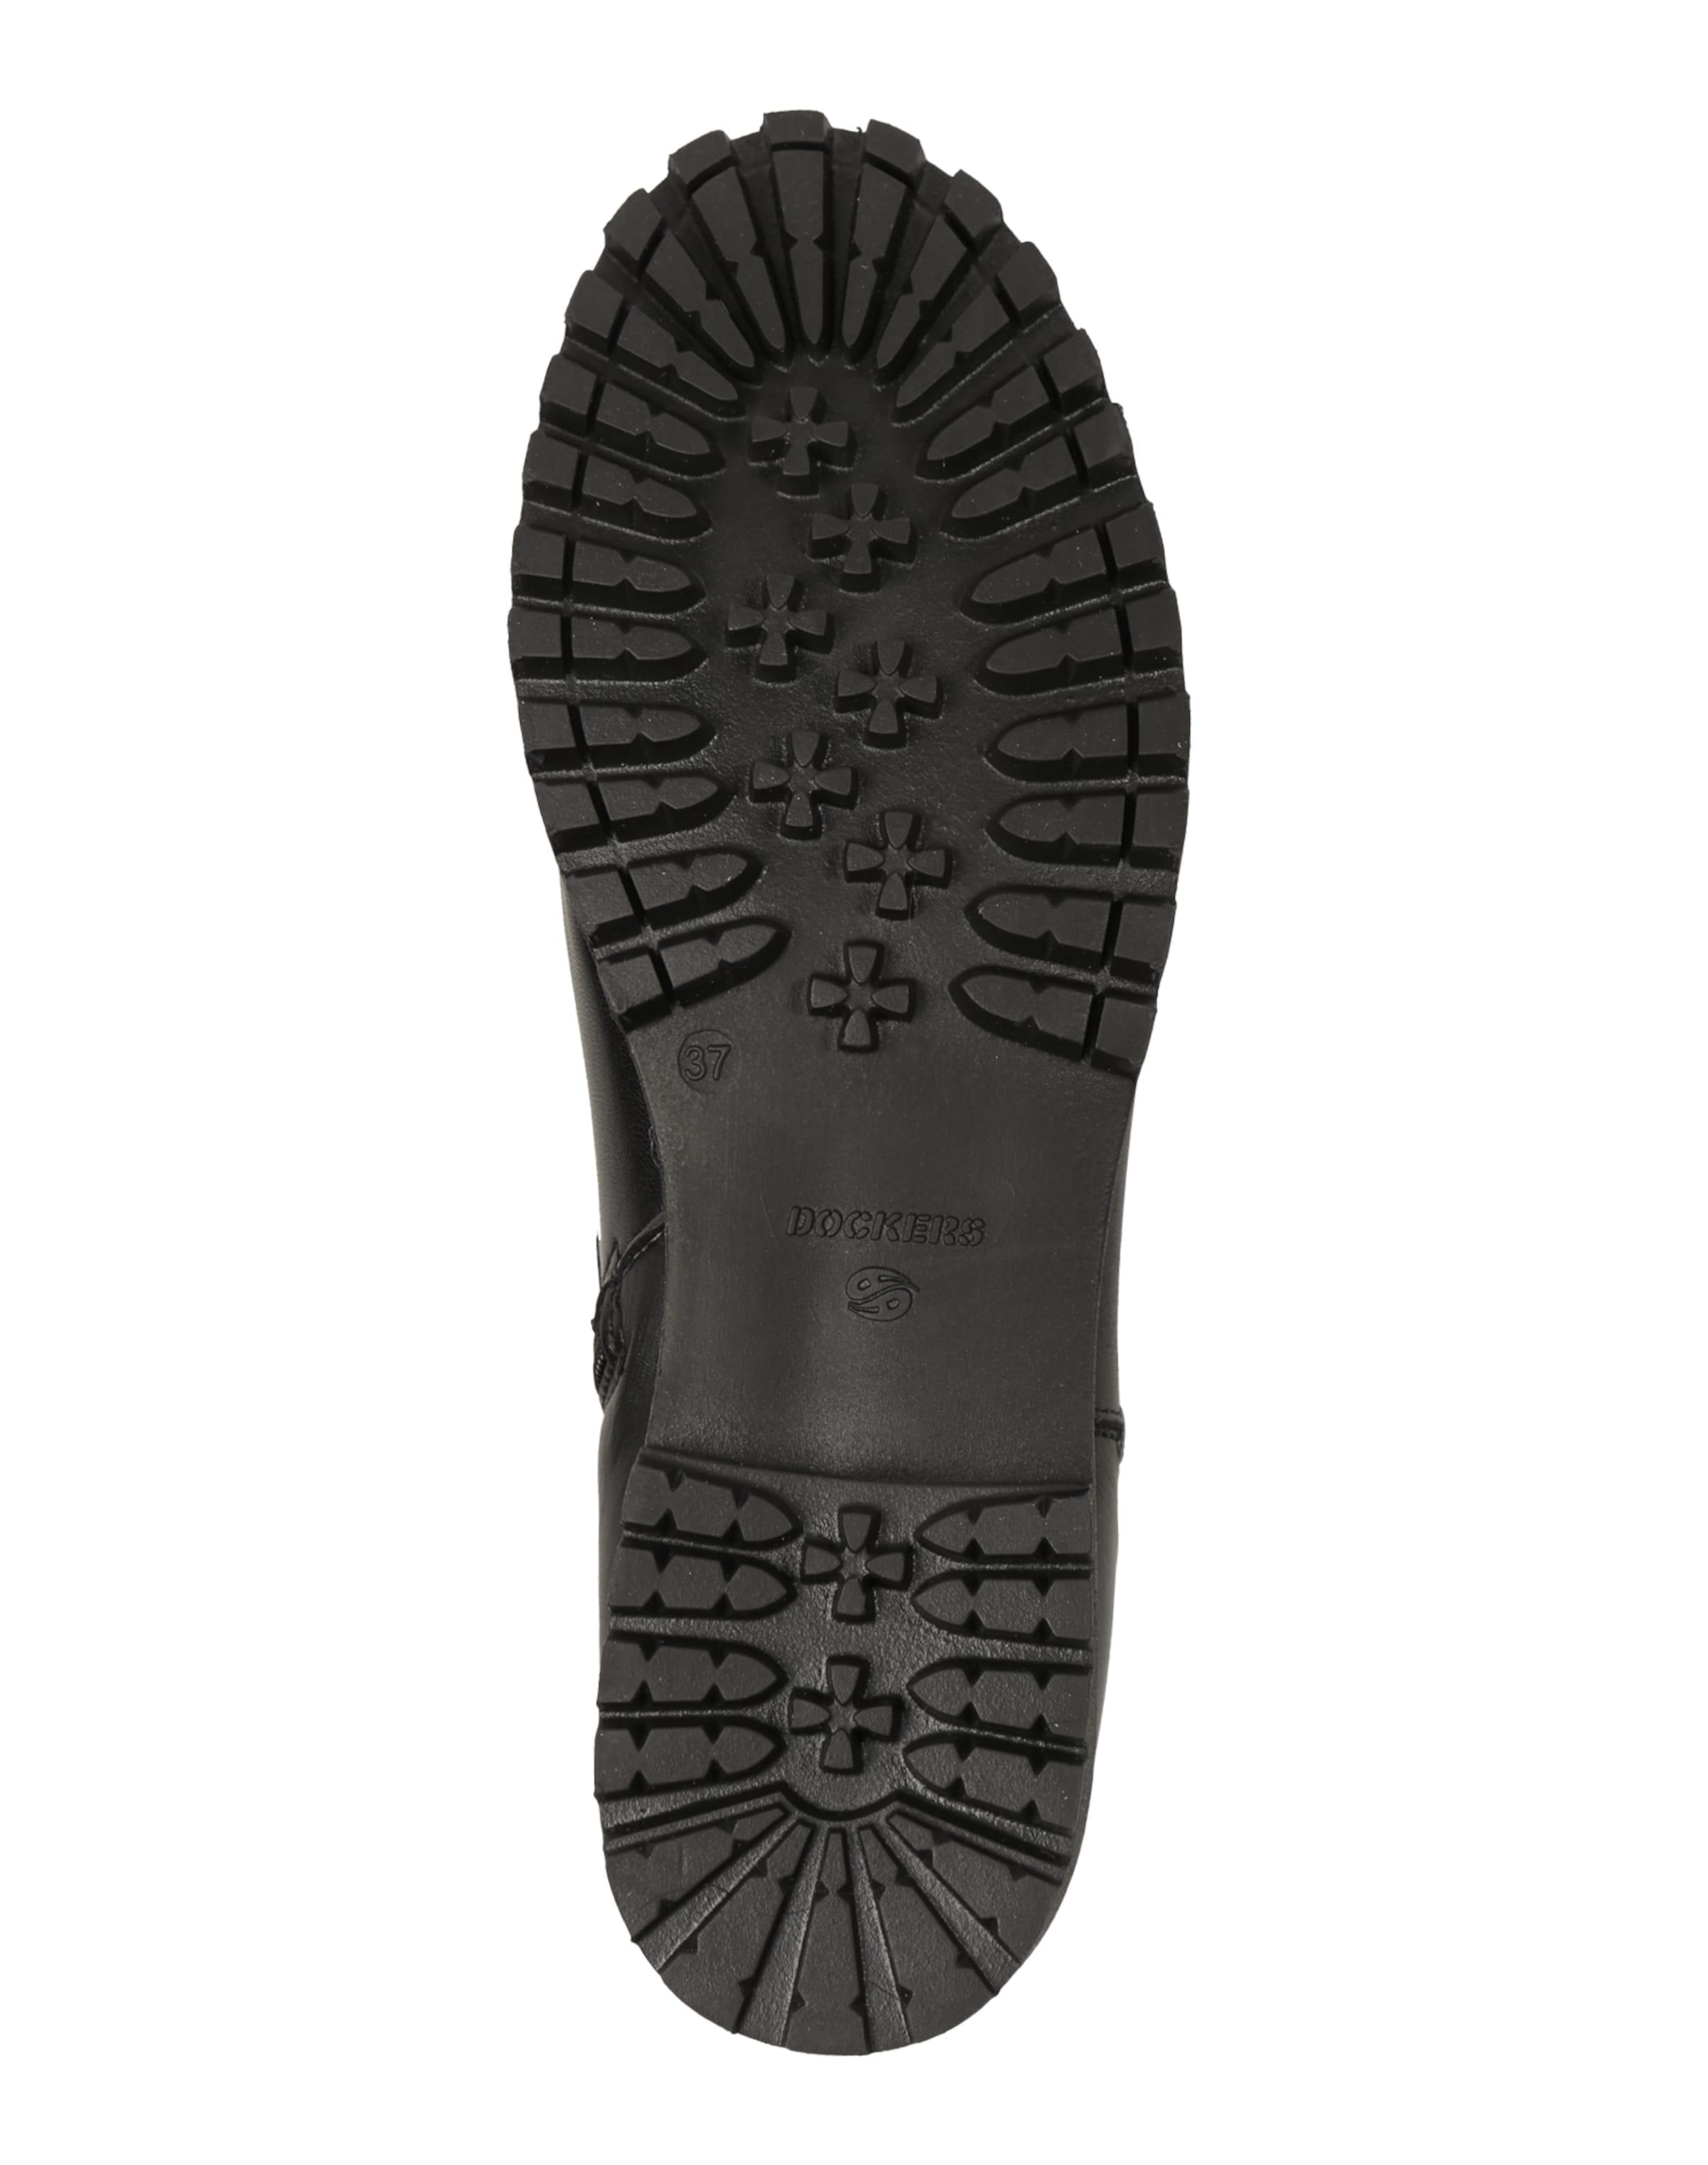 Spielraum Beruf Angebote Online Dockers by Gerli Chelsea-Boots aus Leder Auslass Geniue Fachhändler Billig s9ozn